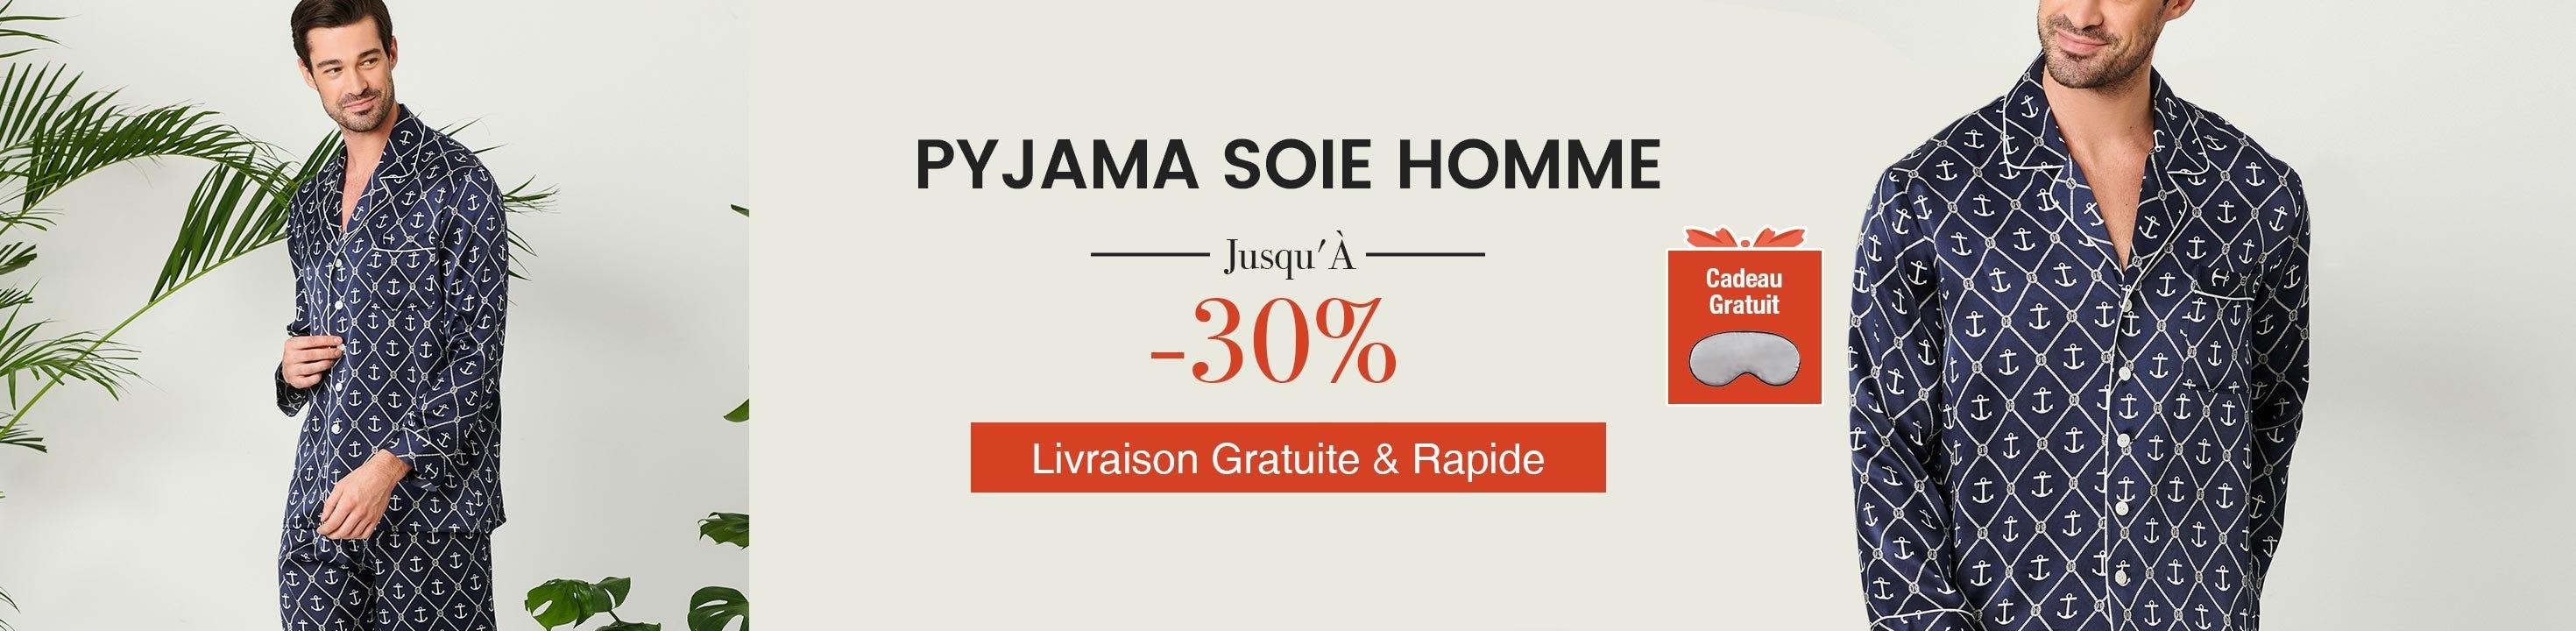 Pyjama en Soie Homme